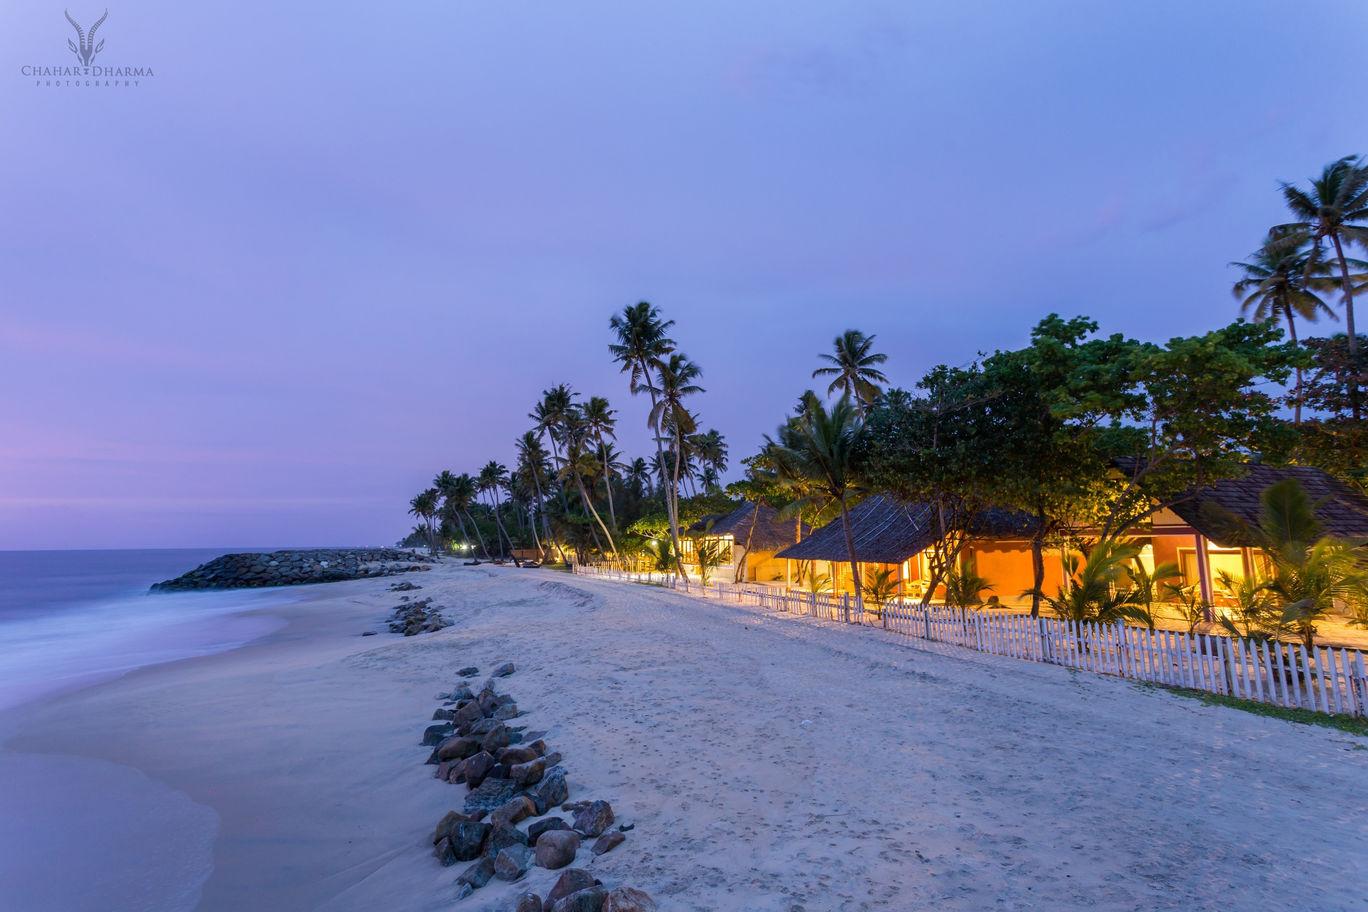 Resultado de imagem para marari beach kerala